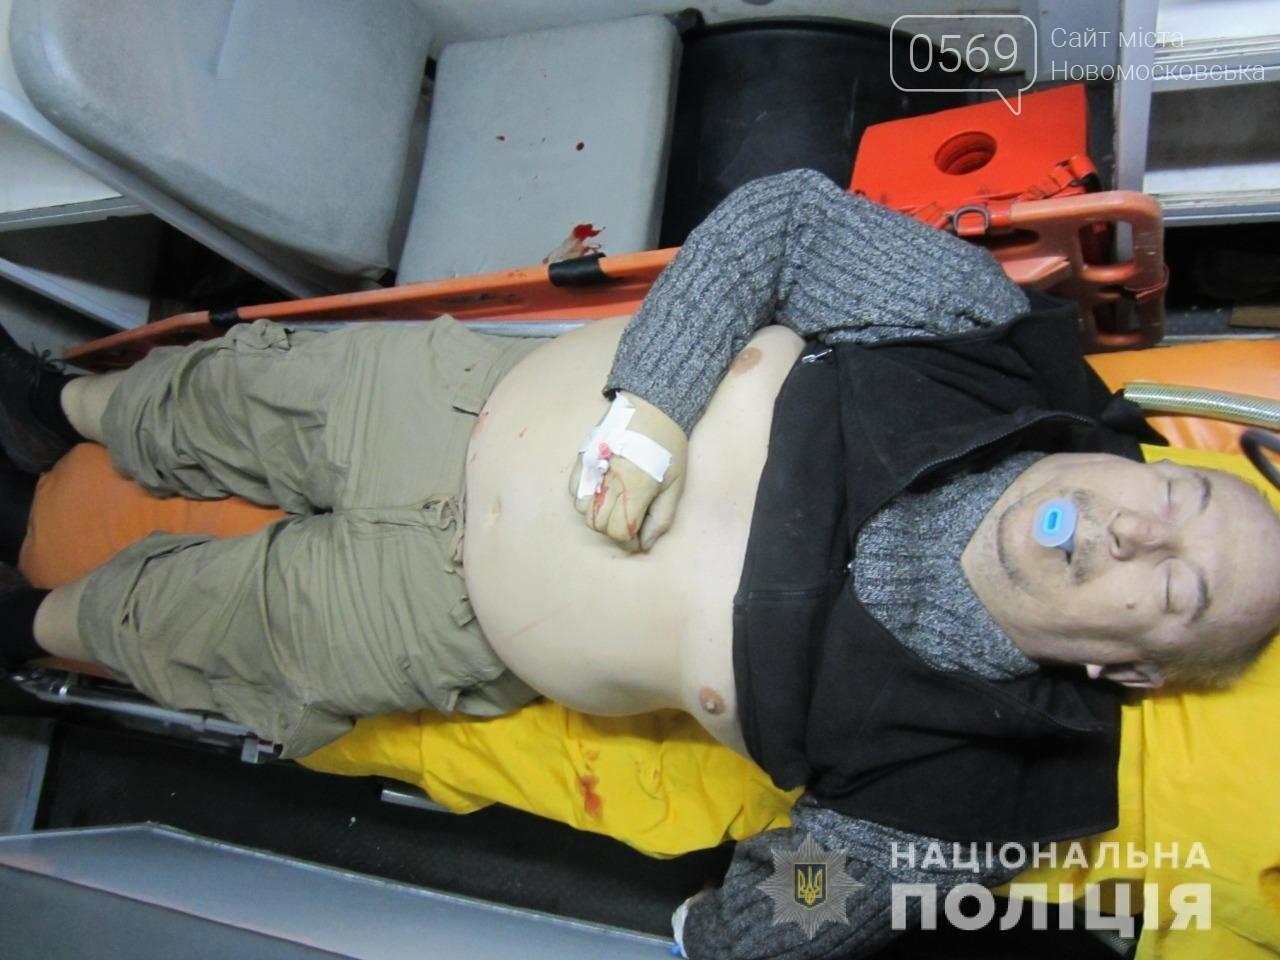 У поліції Дніпропетровської області просять допомогти встановити особу померлого чоловіка: ФОТО 18+, фото-2